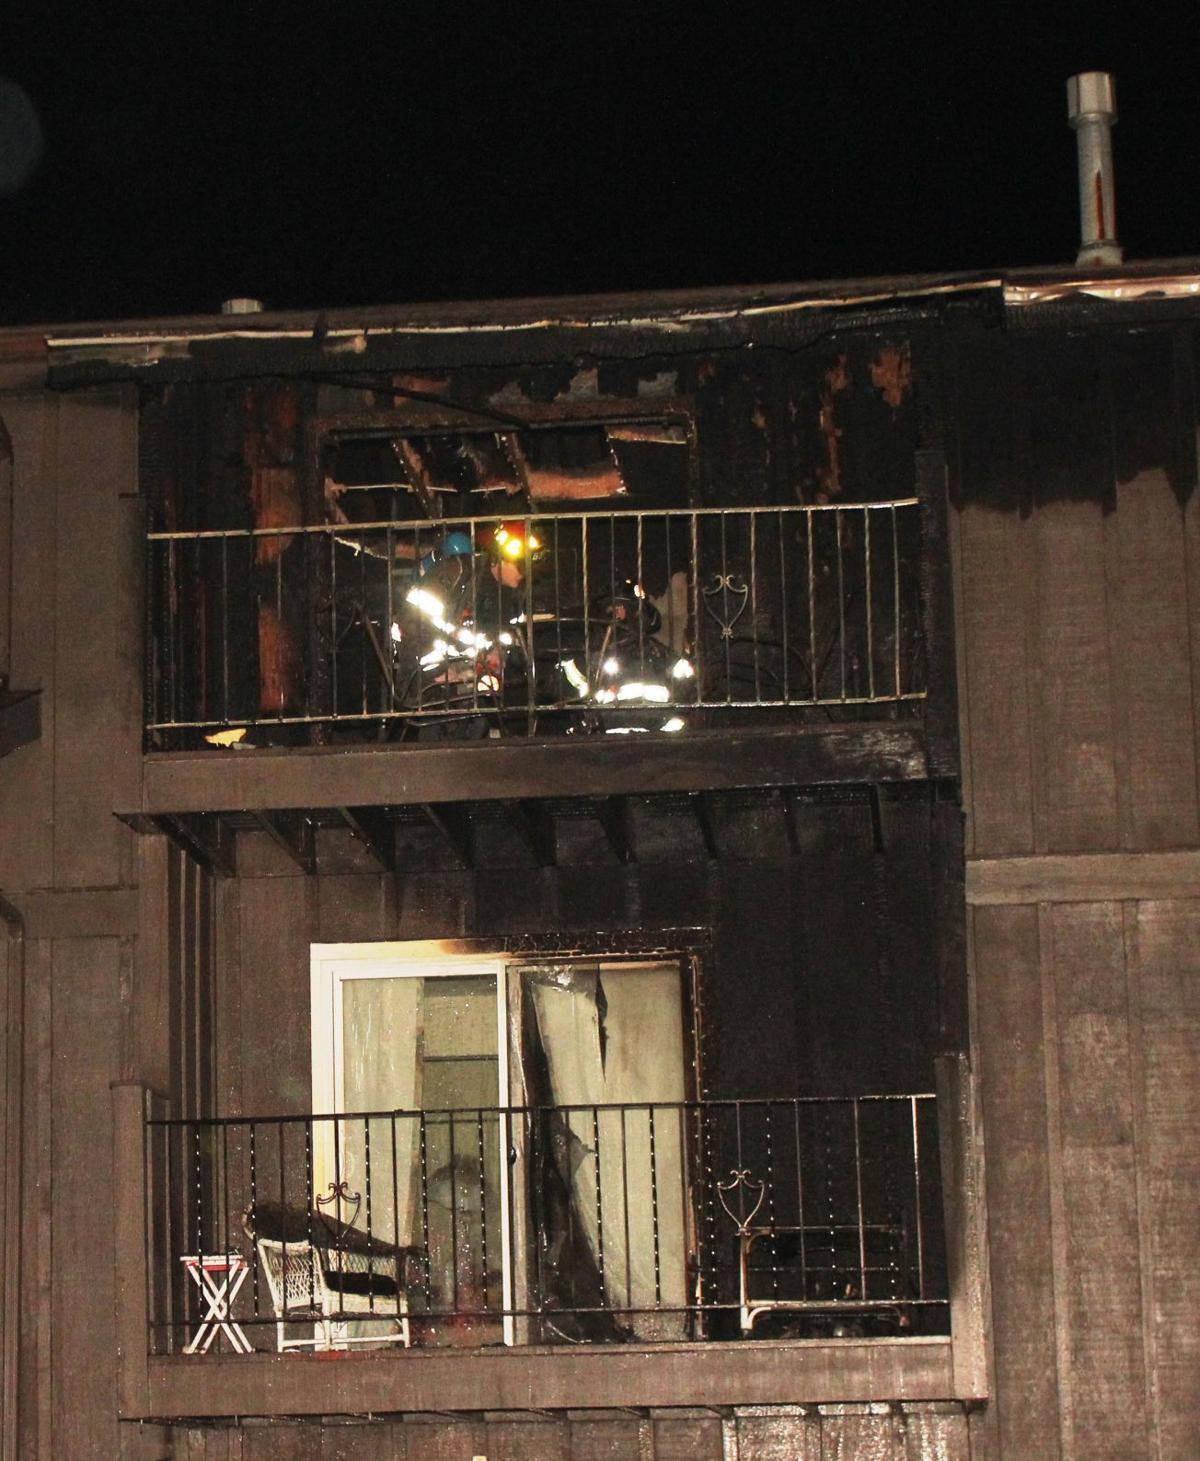 Davenport Apartments: Fire Damages Davenport Apartment Building